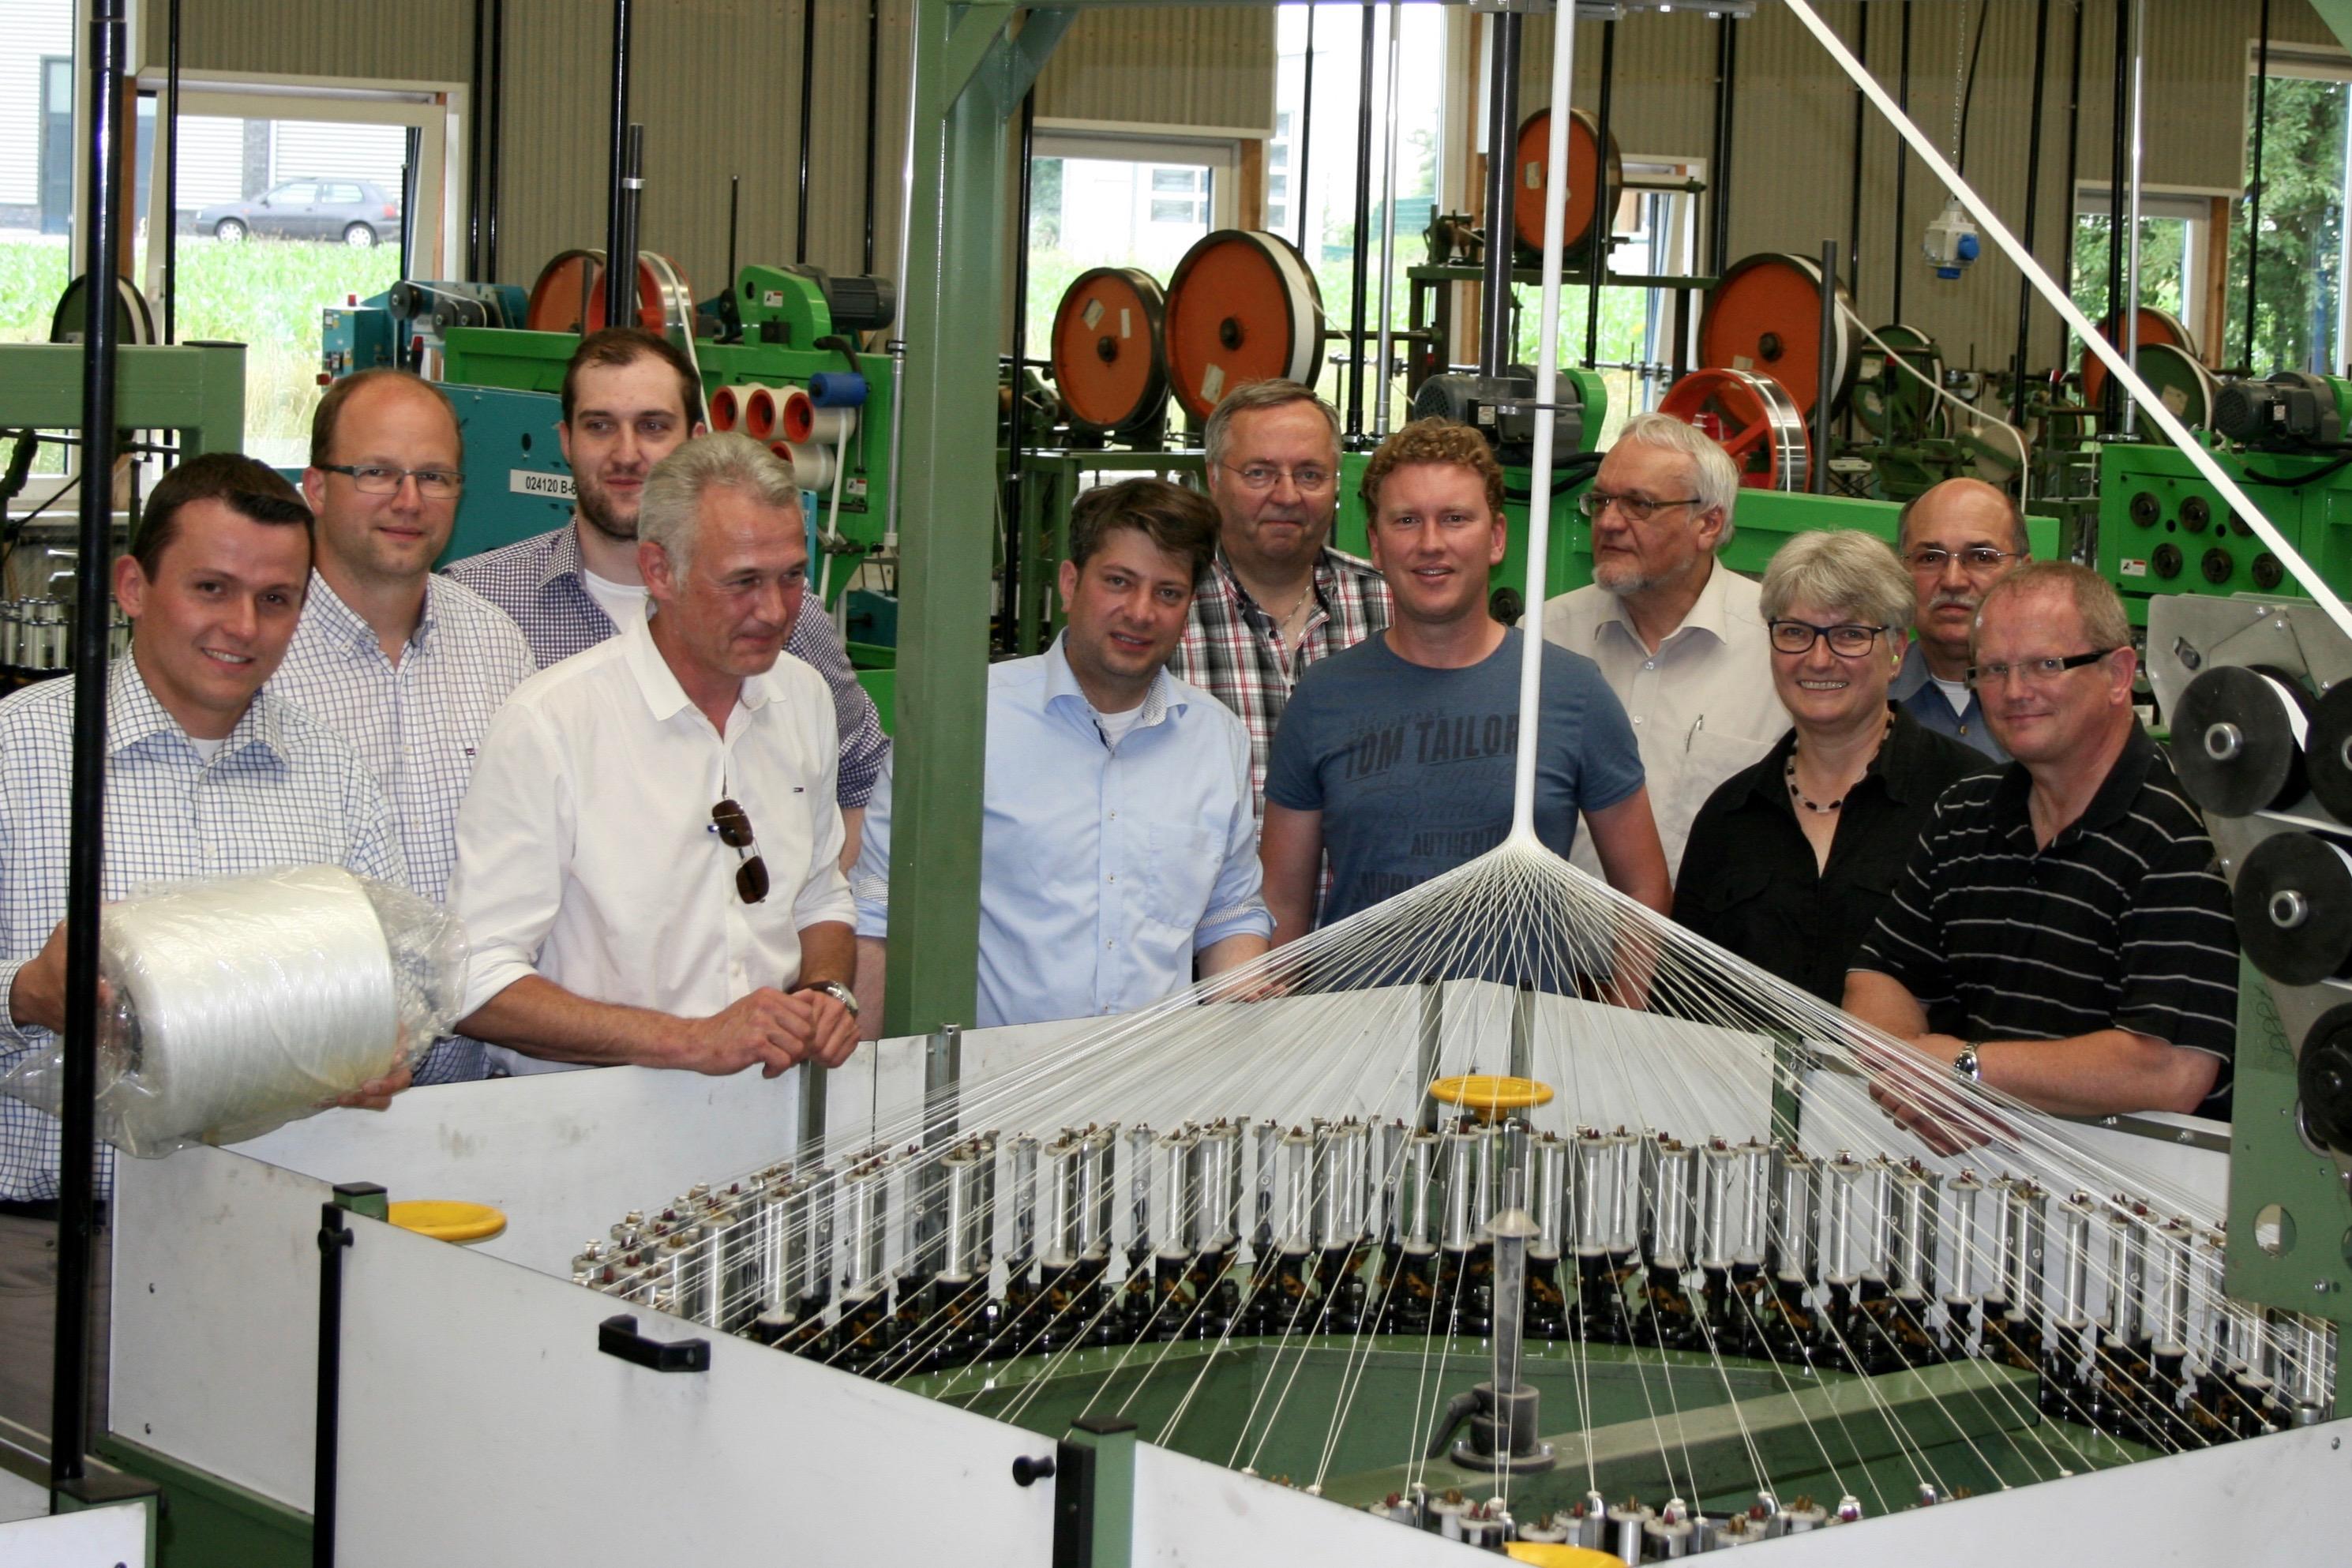 Rundgang durch die Produktionshallen der Firma Culimeta in Bersenbrück durch den Kreisvorstand der CDU Osnabrück-Land. Foto: Deters